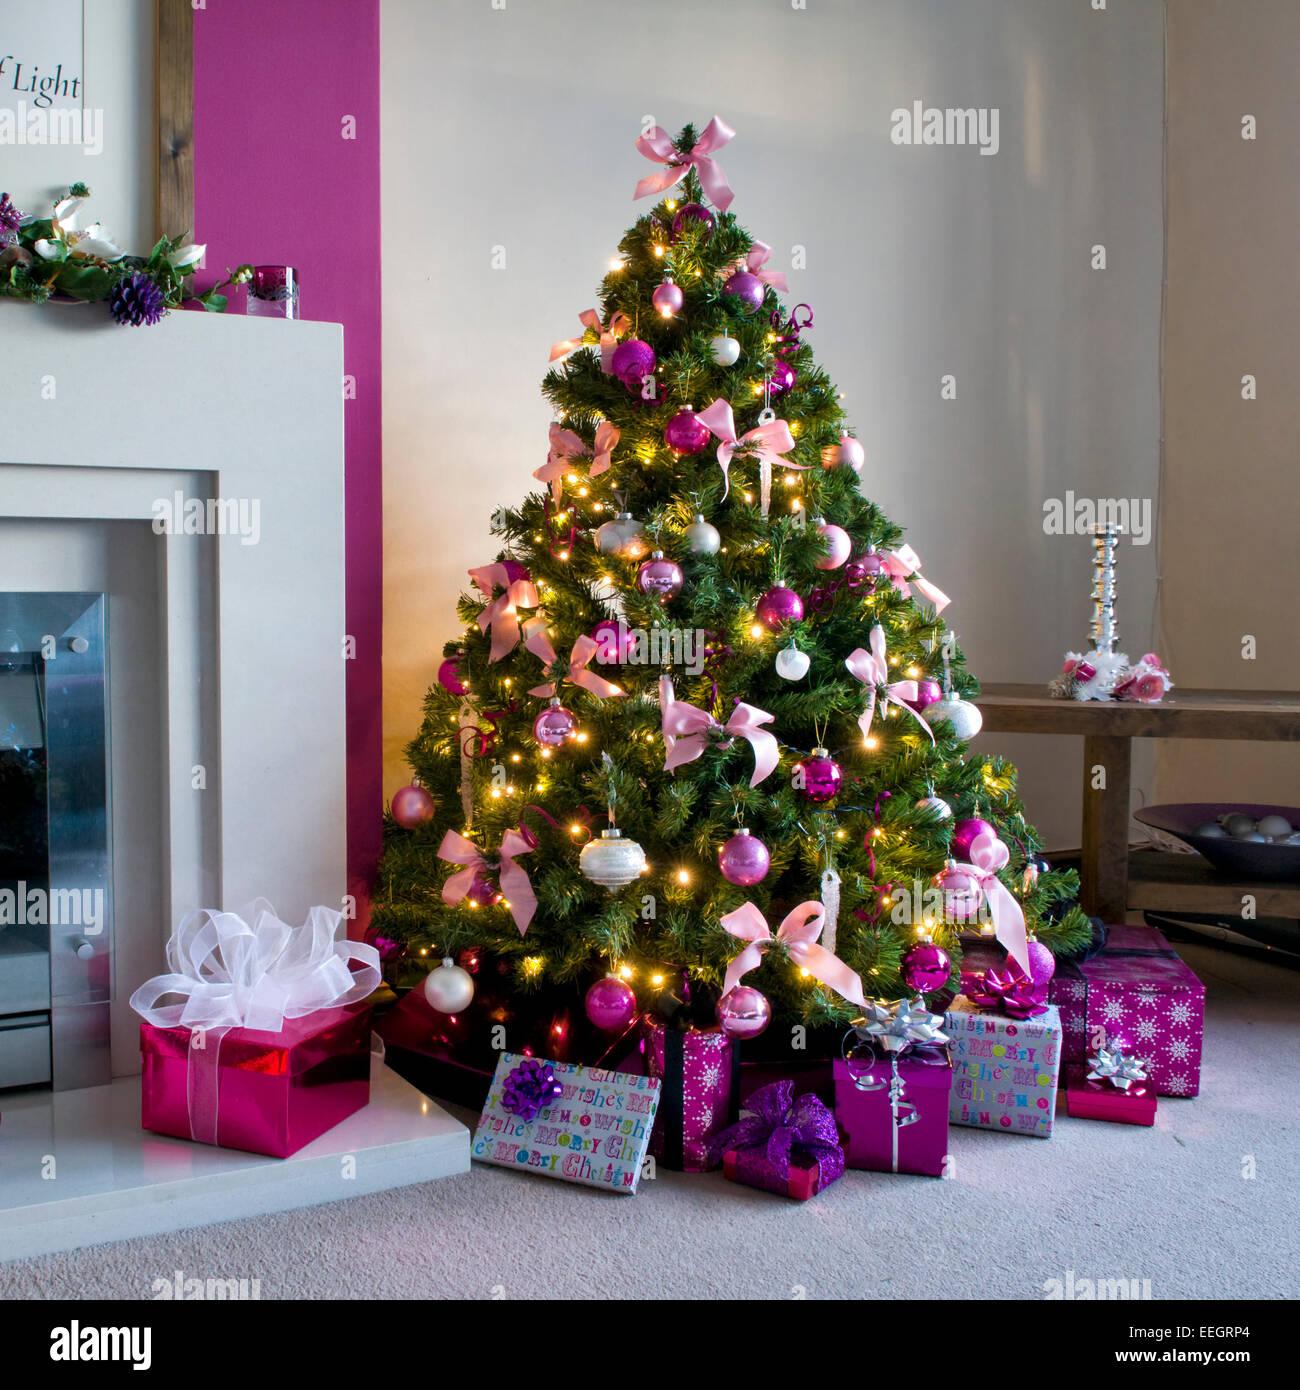 weihnachtsbaum rosa geschm ckt weihnachten 2019. Black Bedroom Furniture Sets. Home Design Ideas